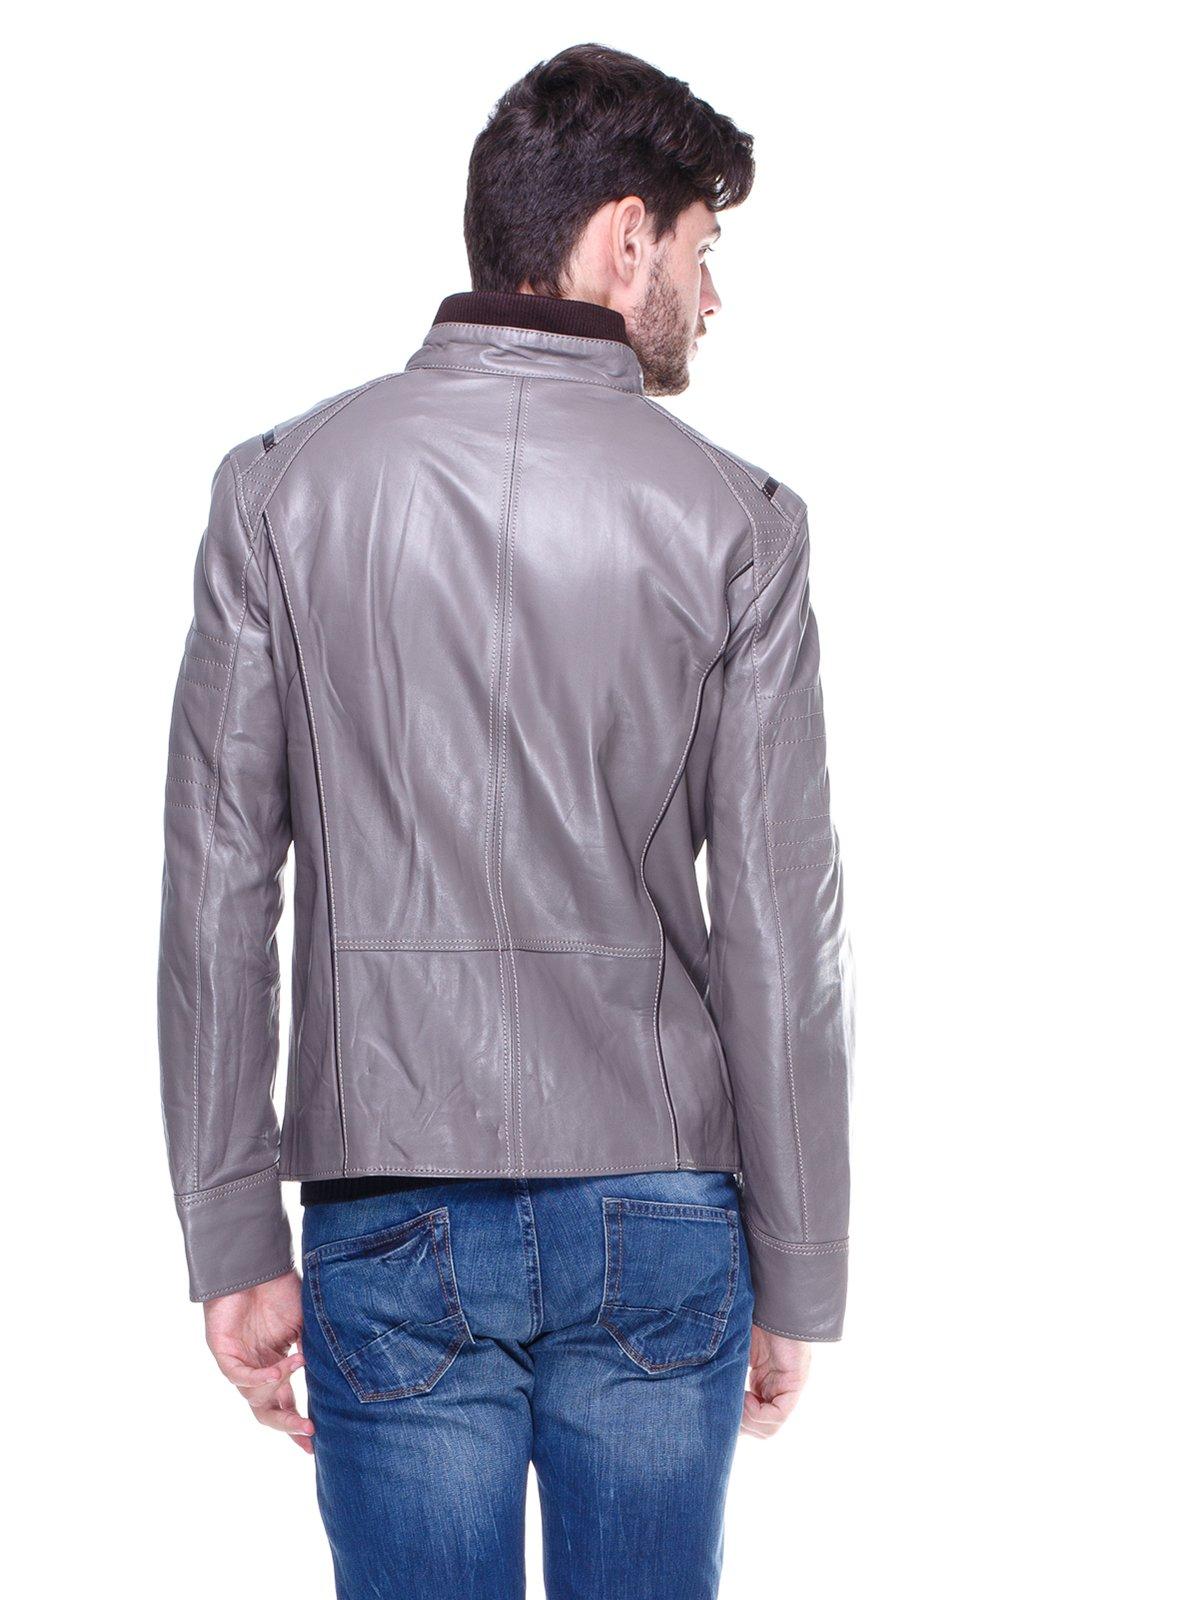 Куртка сіра з контрастним оздобленням і люверсами | 1830342 | фото 2